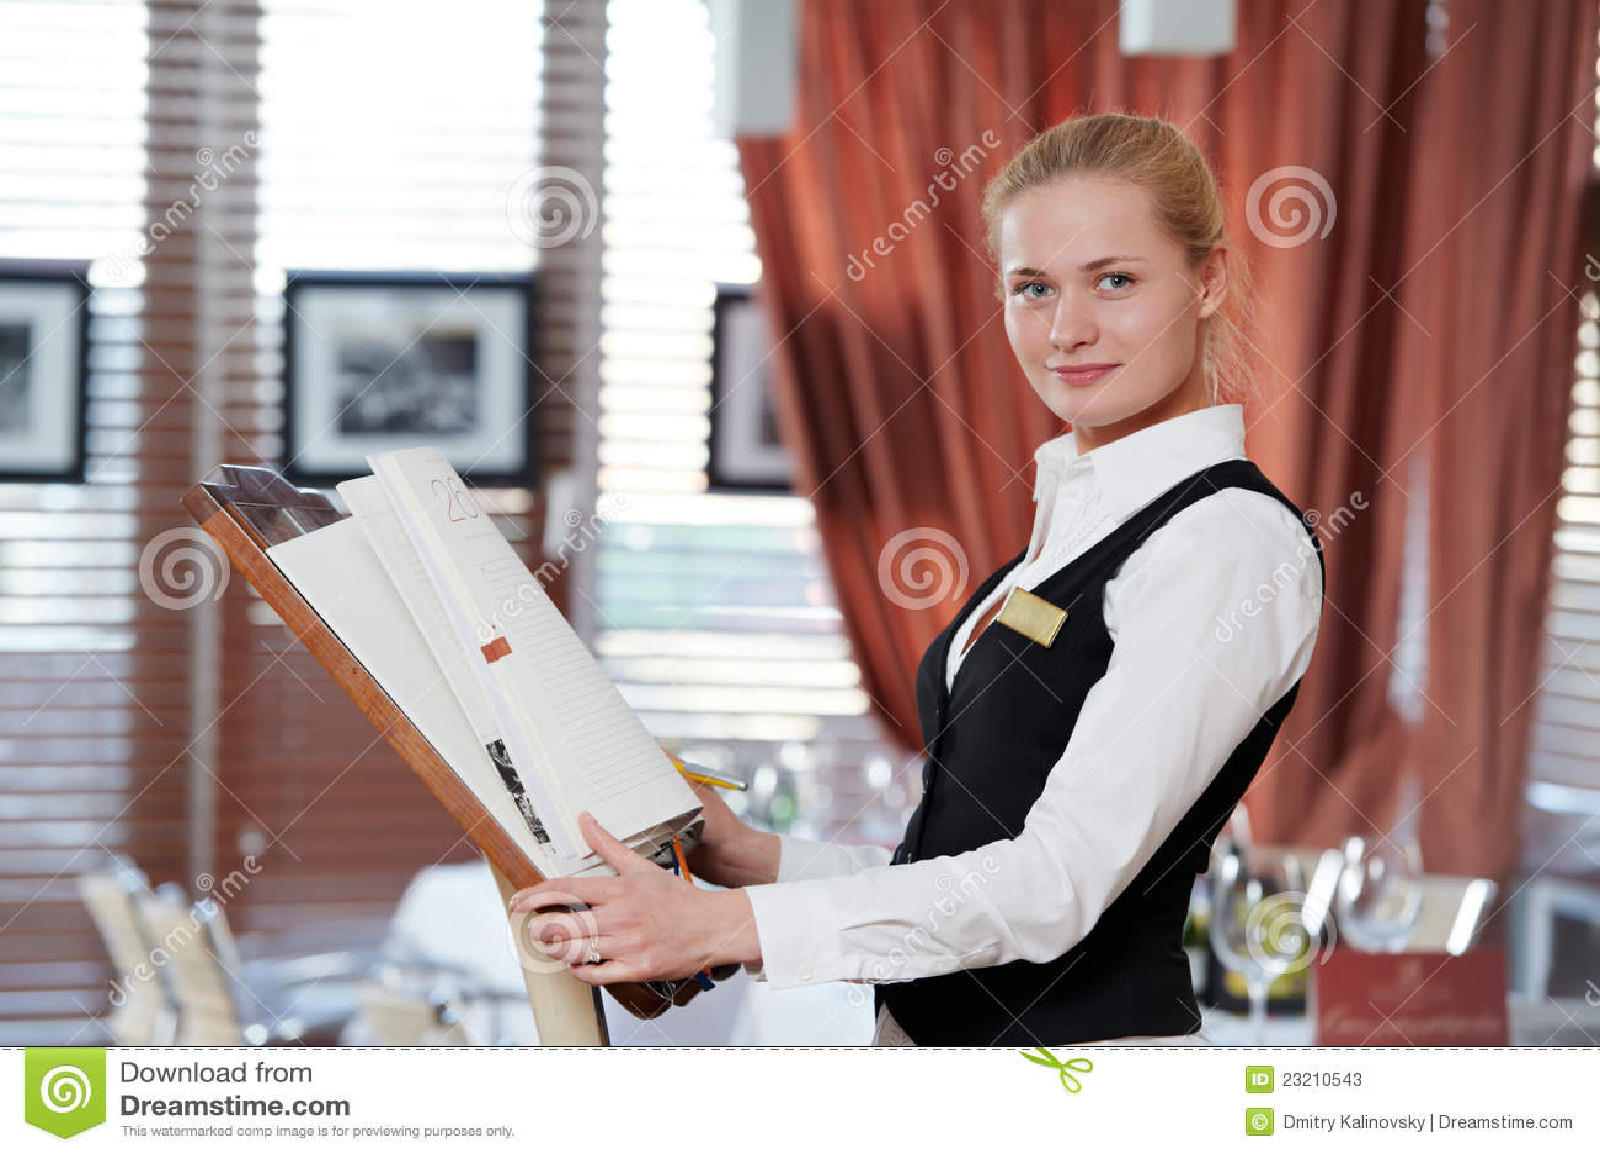 Mulher Do Gerente Do Restaurante No Trabalho Stock Images - 643 Photos